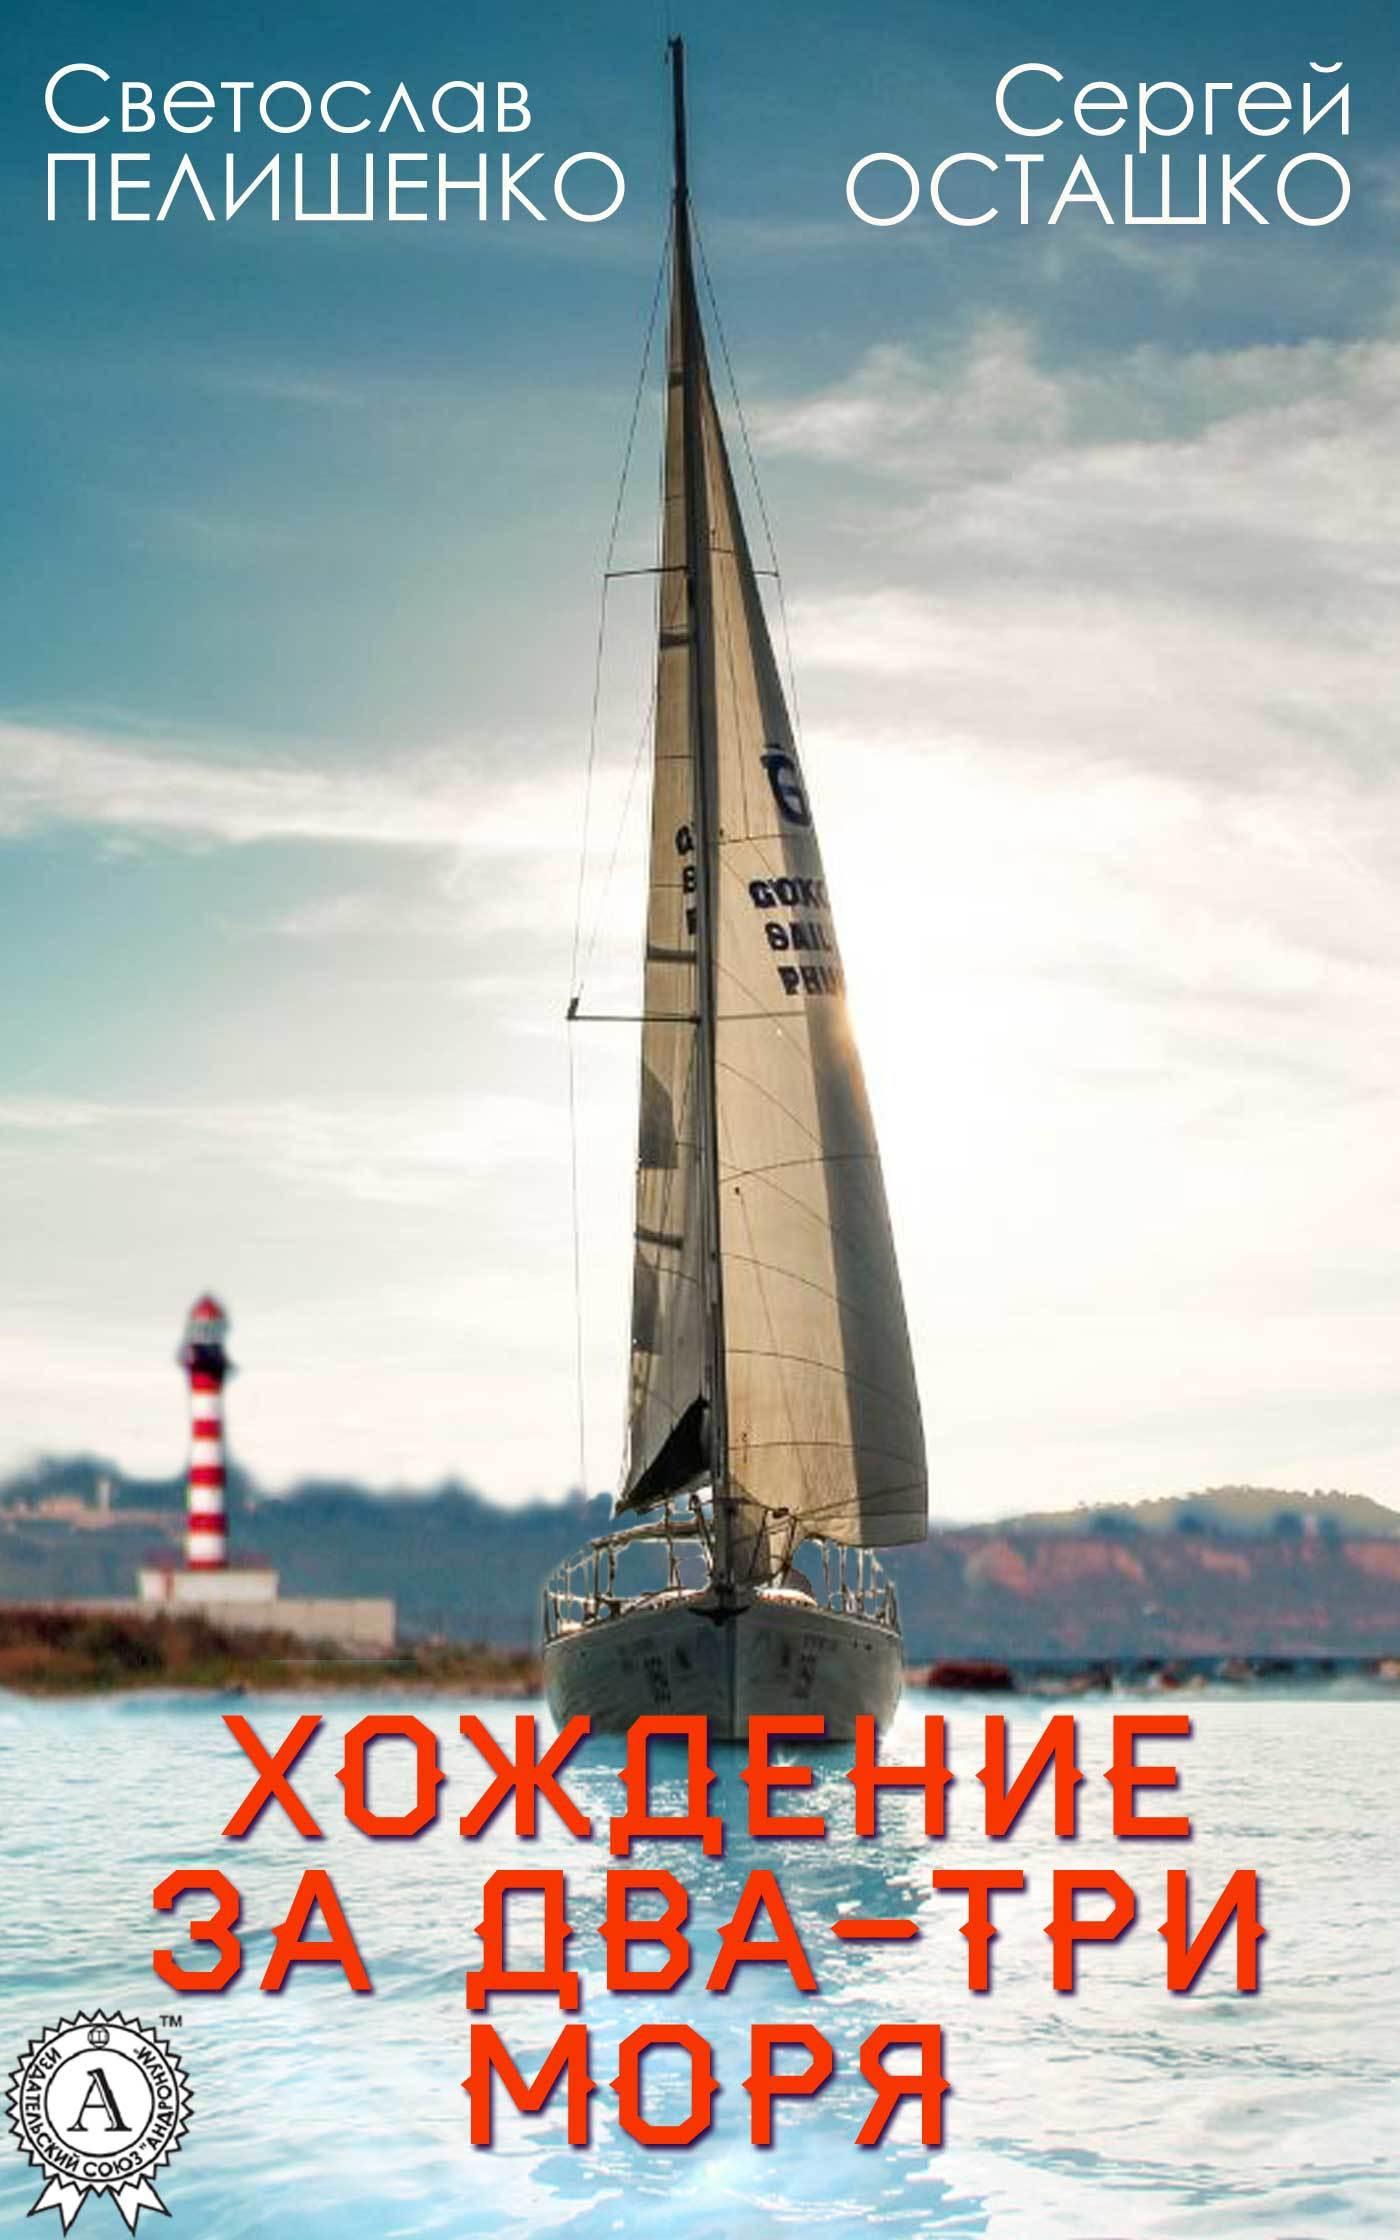 Светослав Пелишенко Хождение за два-три моря